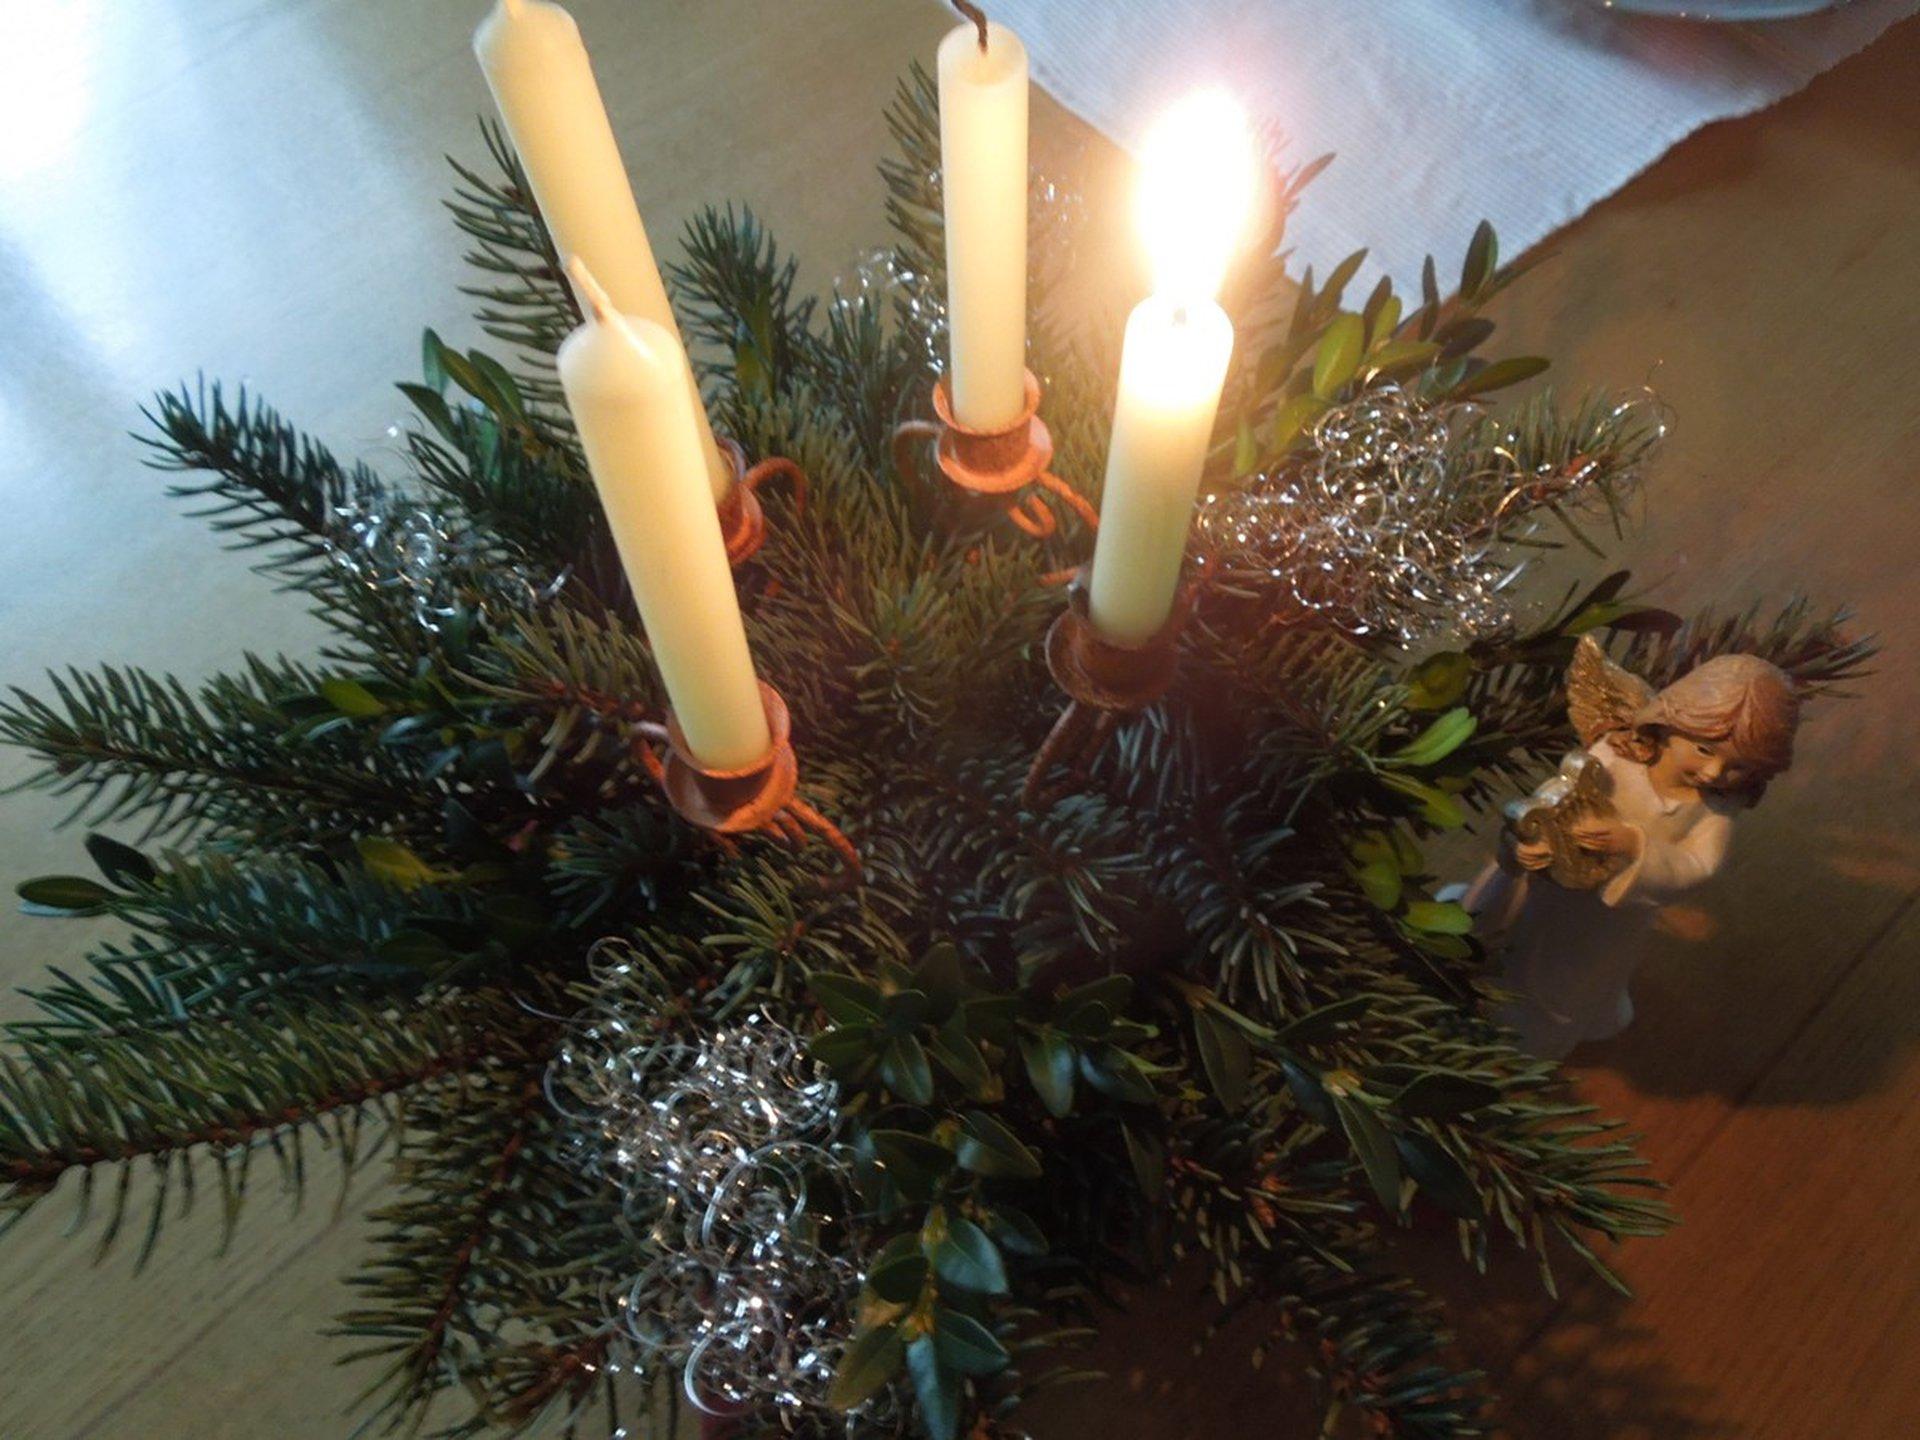 Freiwillige Feuerwehr Unterlaus - Winterzeit - Brandgefahr steigt